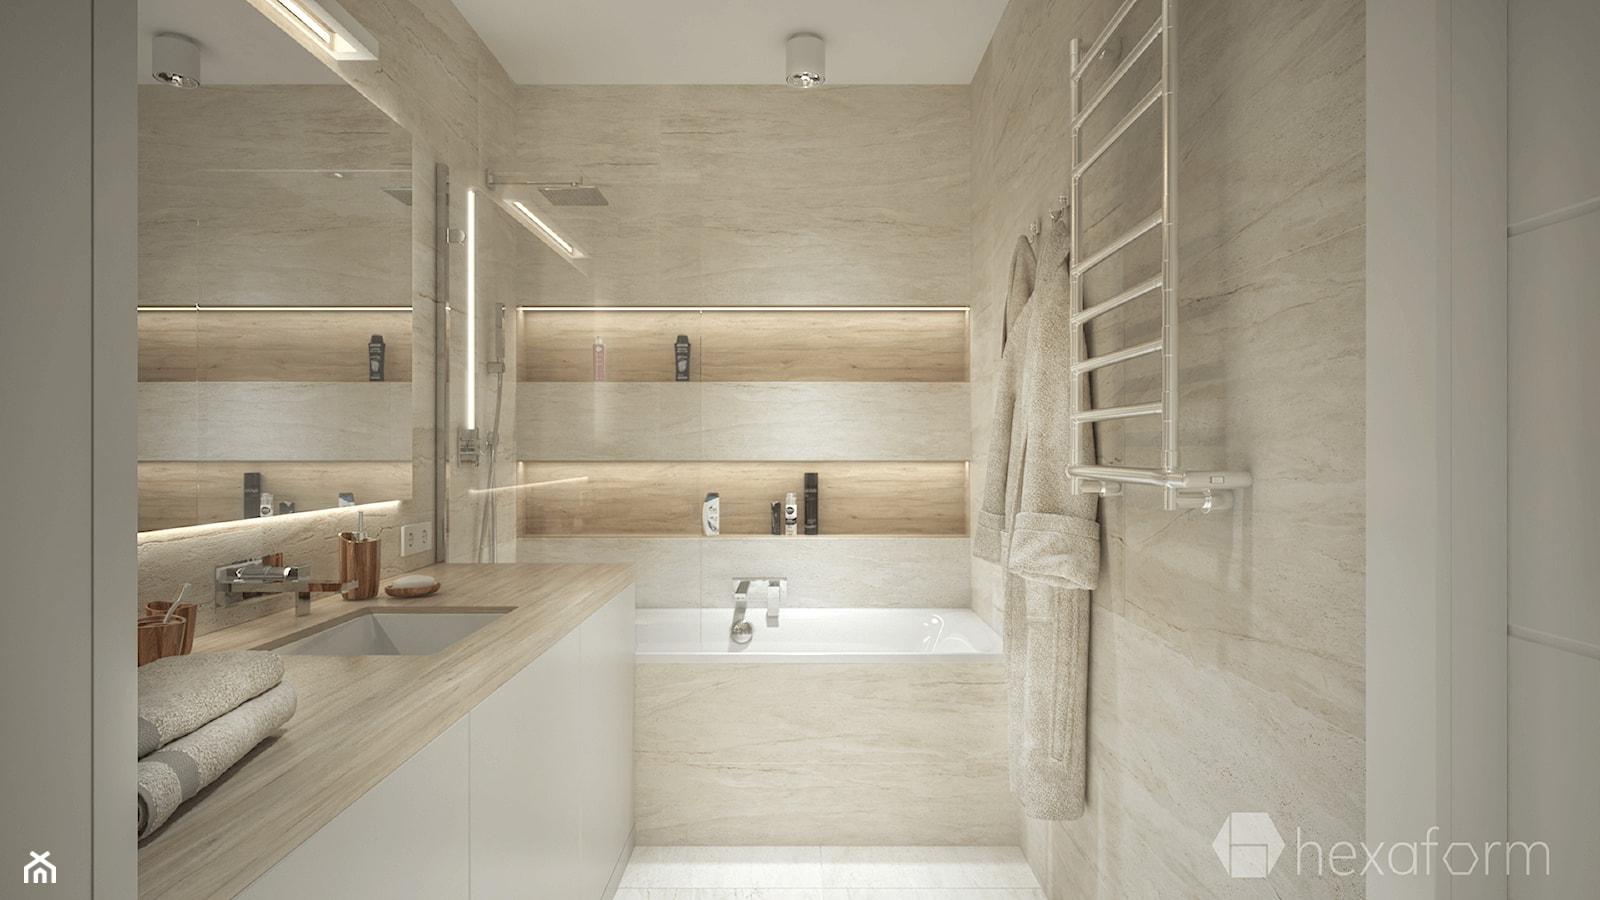 Projekt mieszkania 76m2. - Średnia biała łazienka na poddaszu w bloku w domu jednorodzinnym bez okna, styl nowoczesny - zdjęcie od hexaform - Homebook